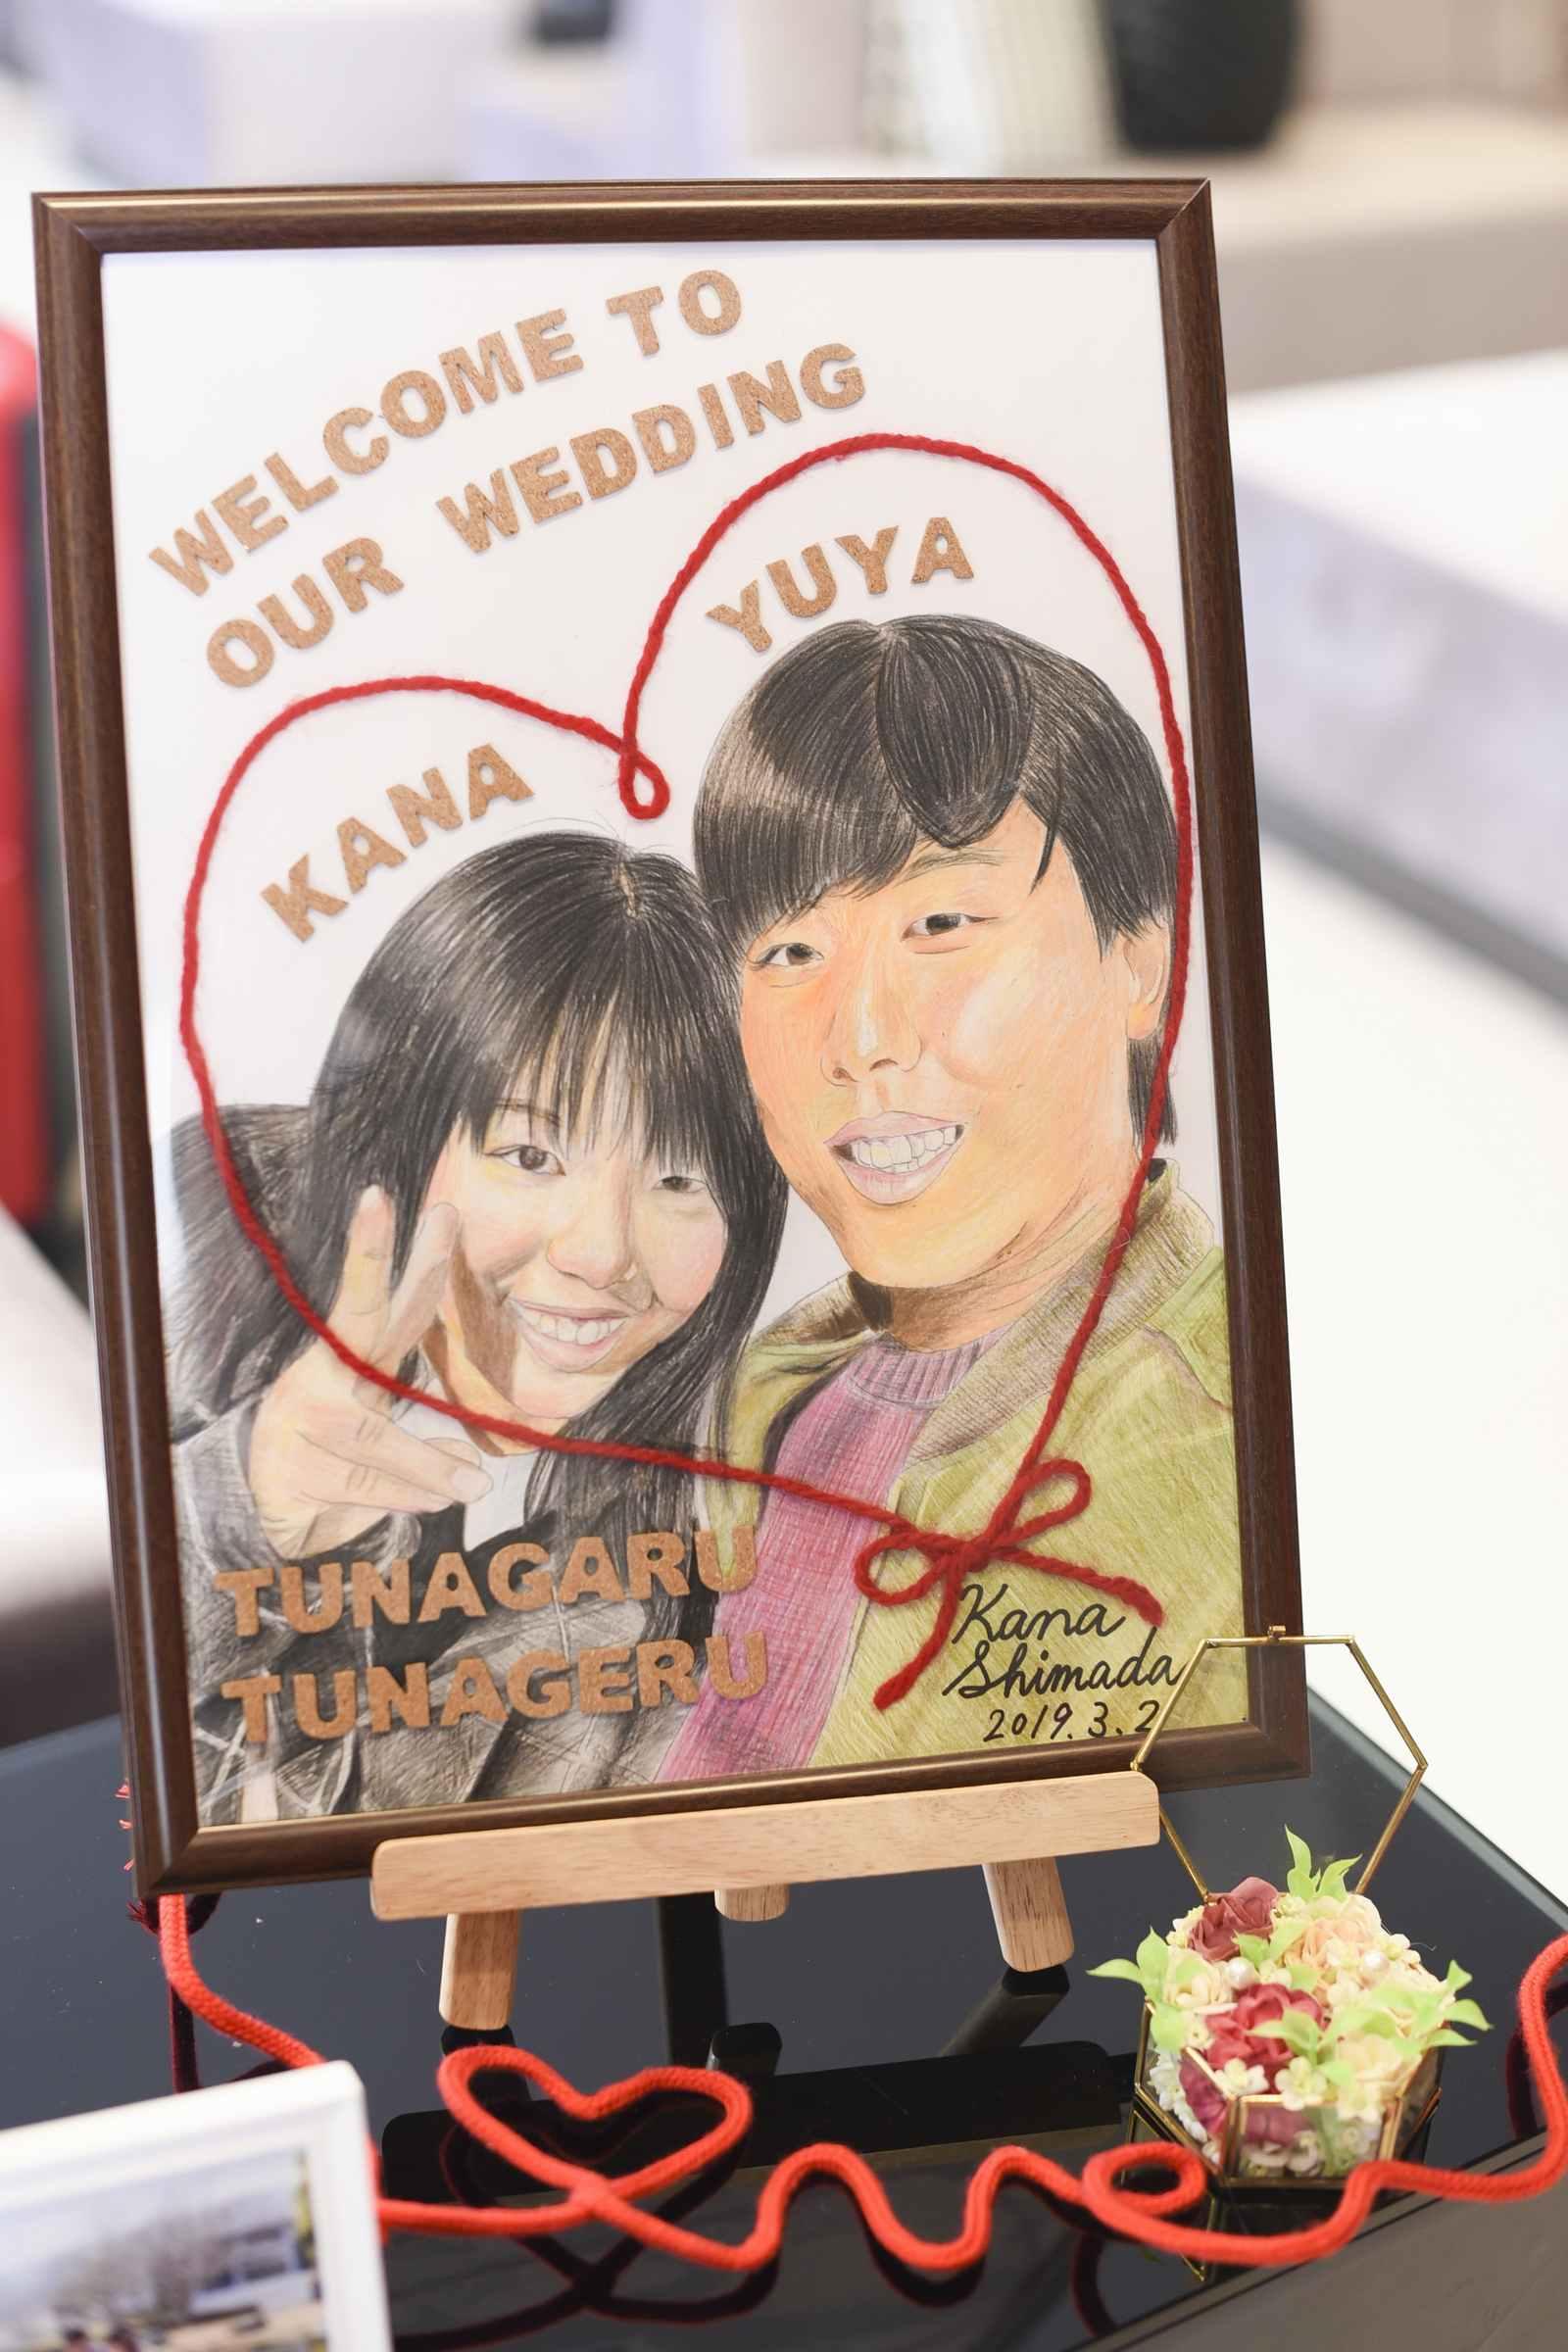 徳島市の結婚式場ブランアンジュの似顔絵ウエルカムボード